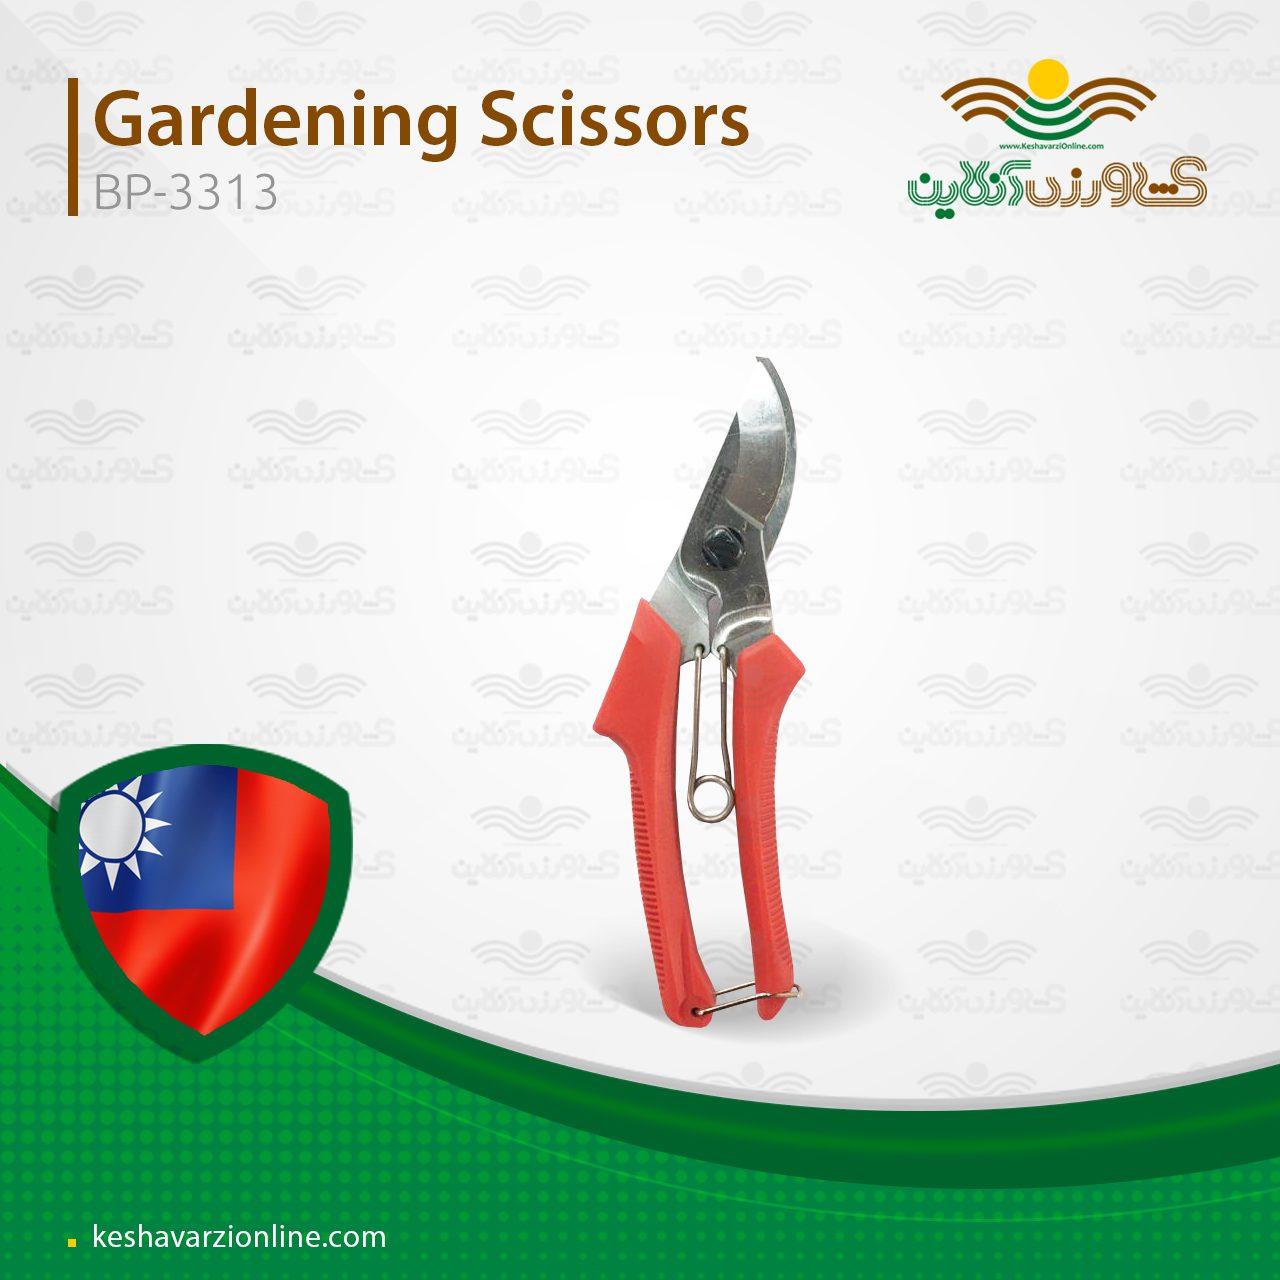 قیچی باغبانی طرح آرس 3313 بهکو تایوان